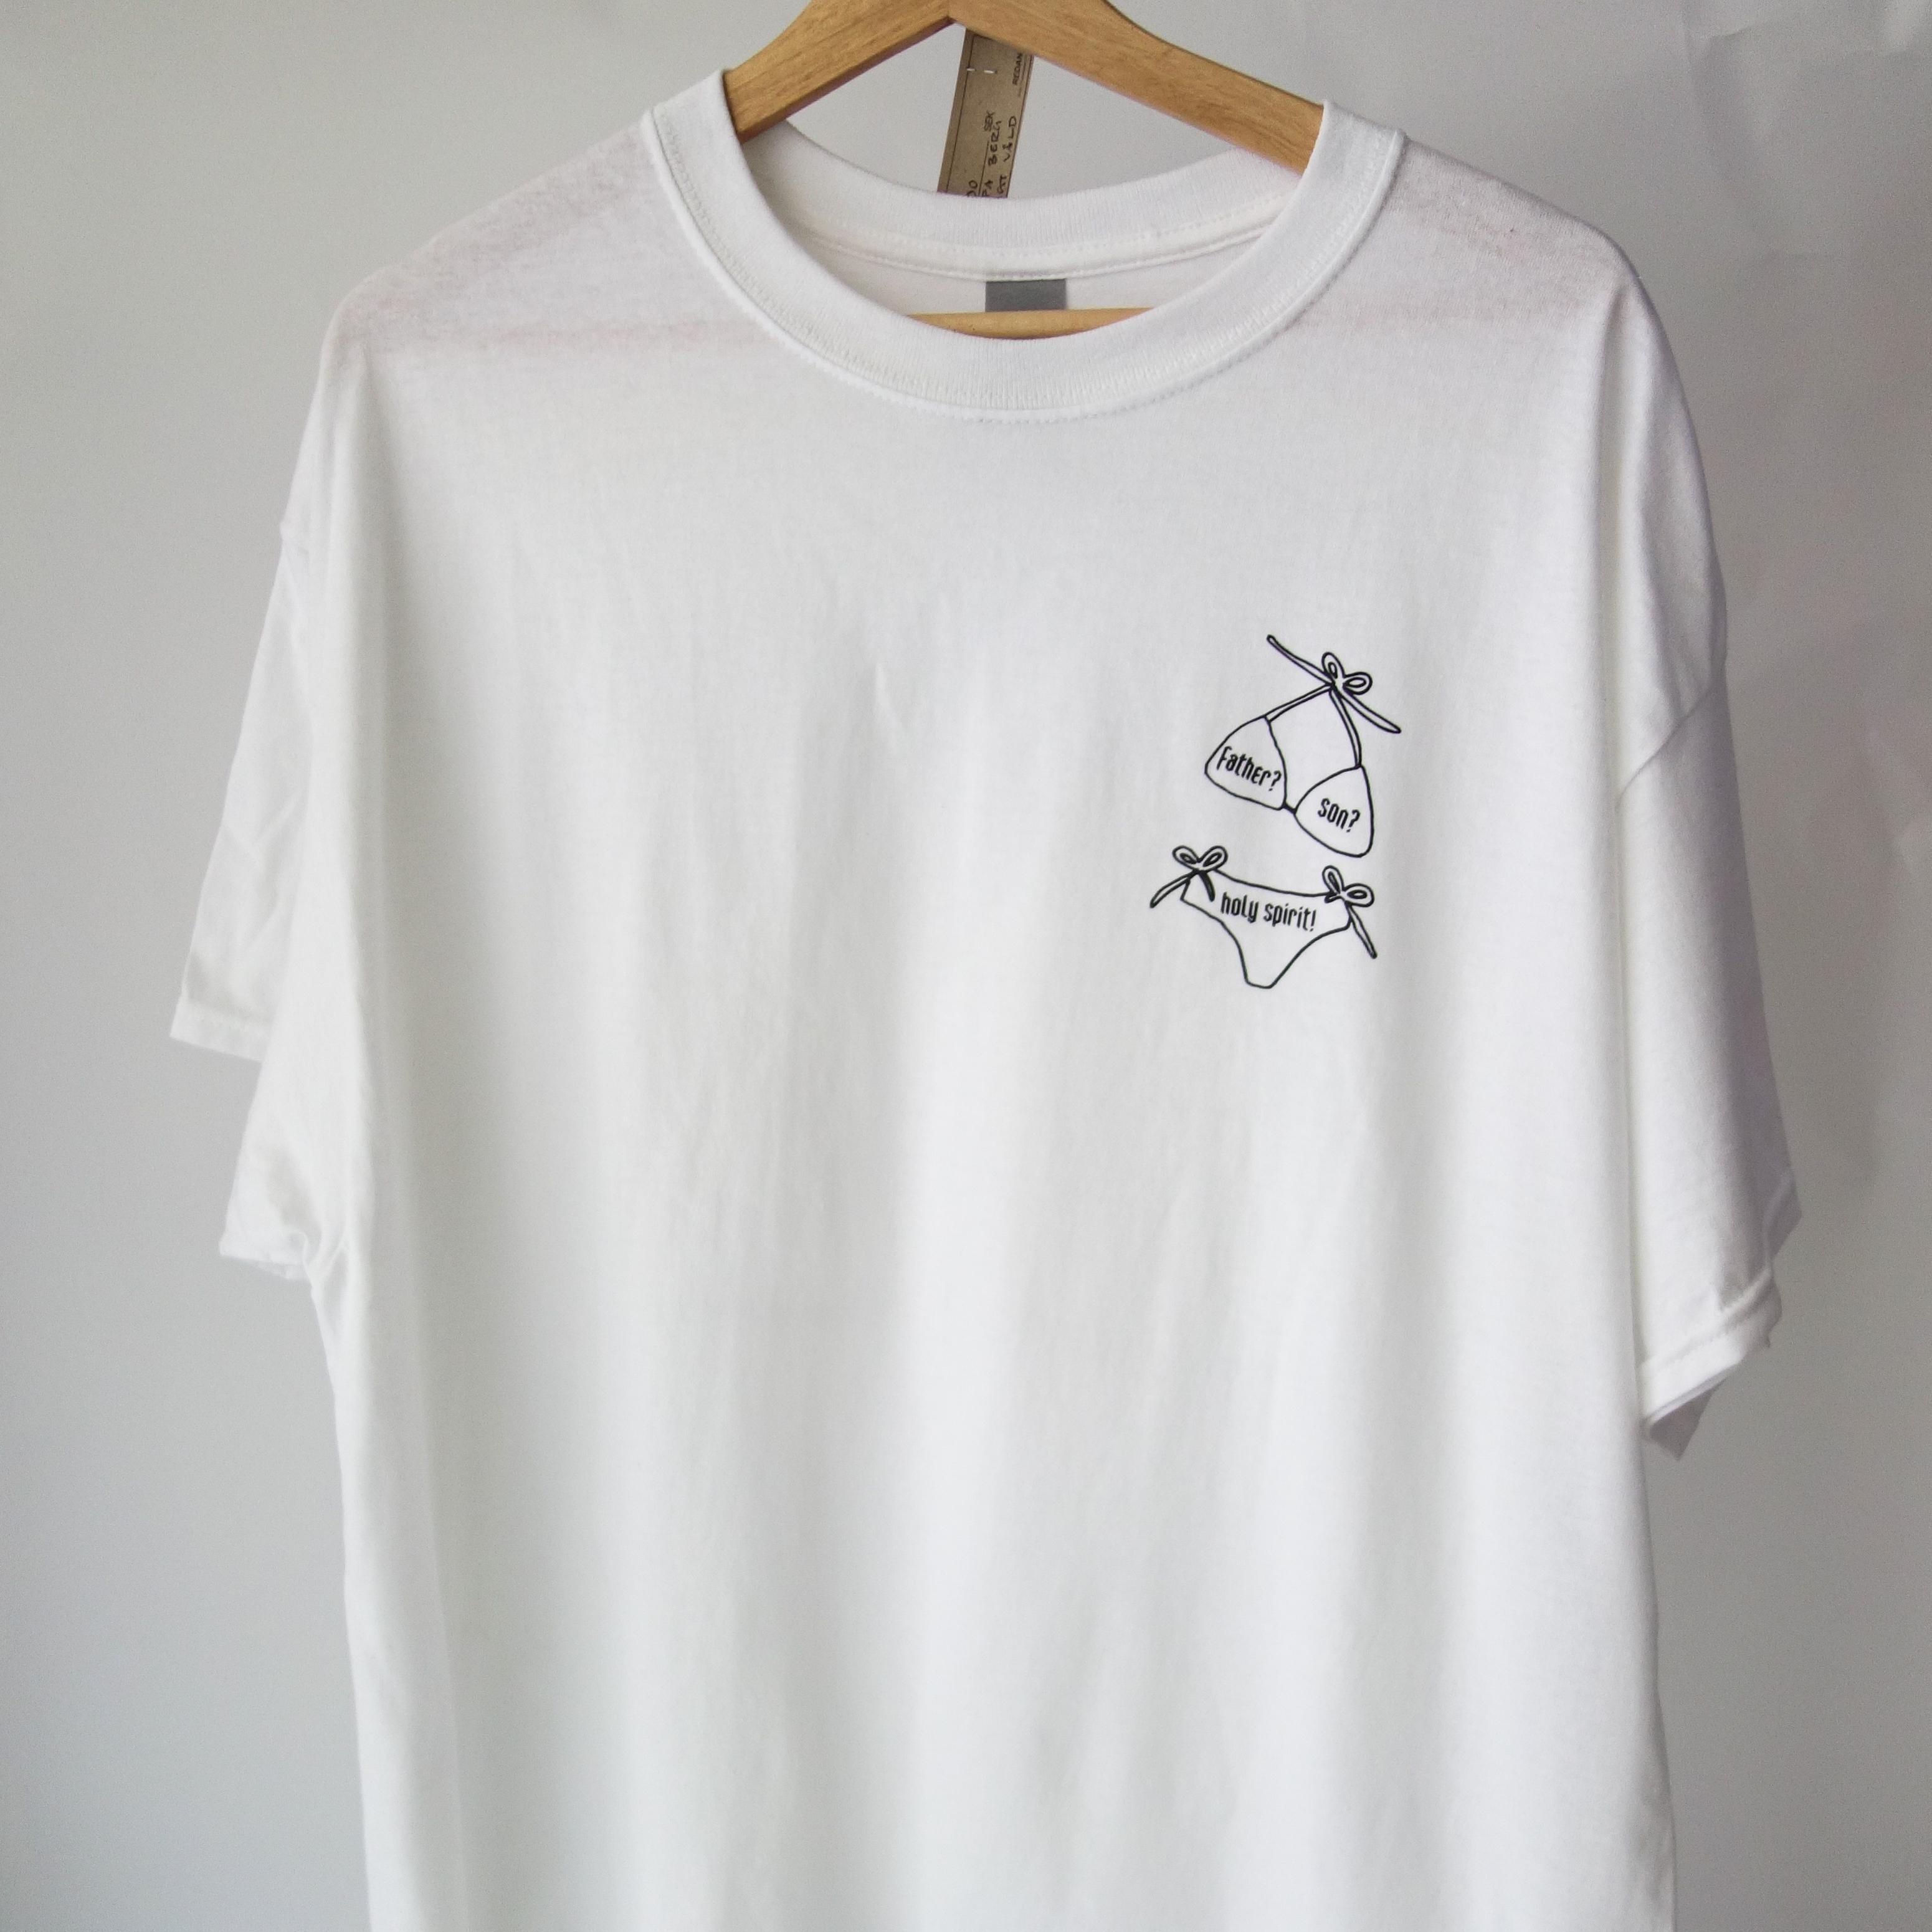 Dödligt Våld På Kvinna T shirt